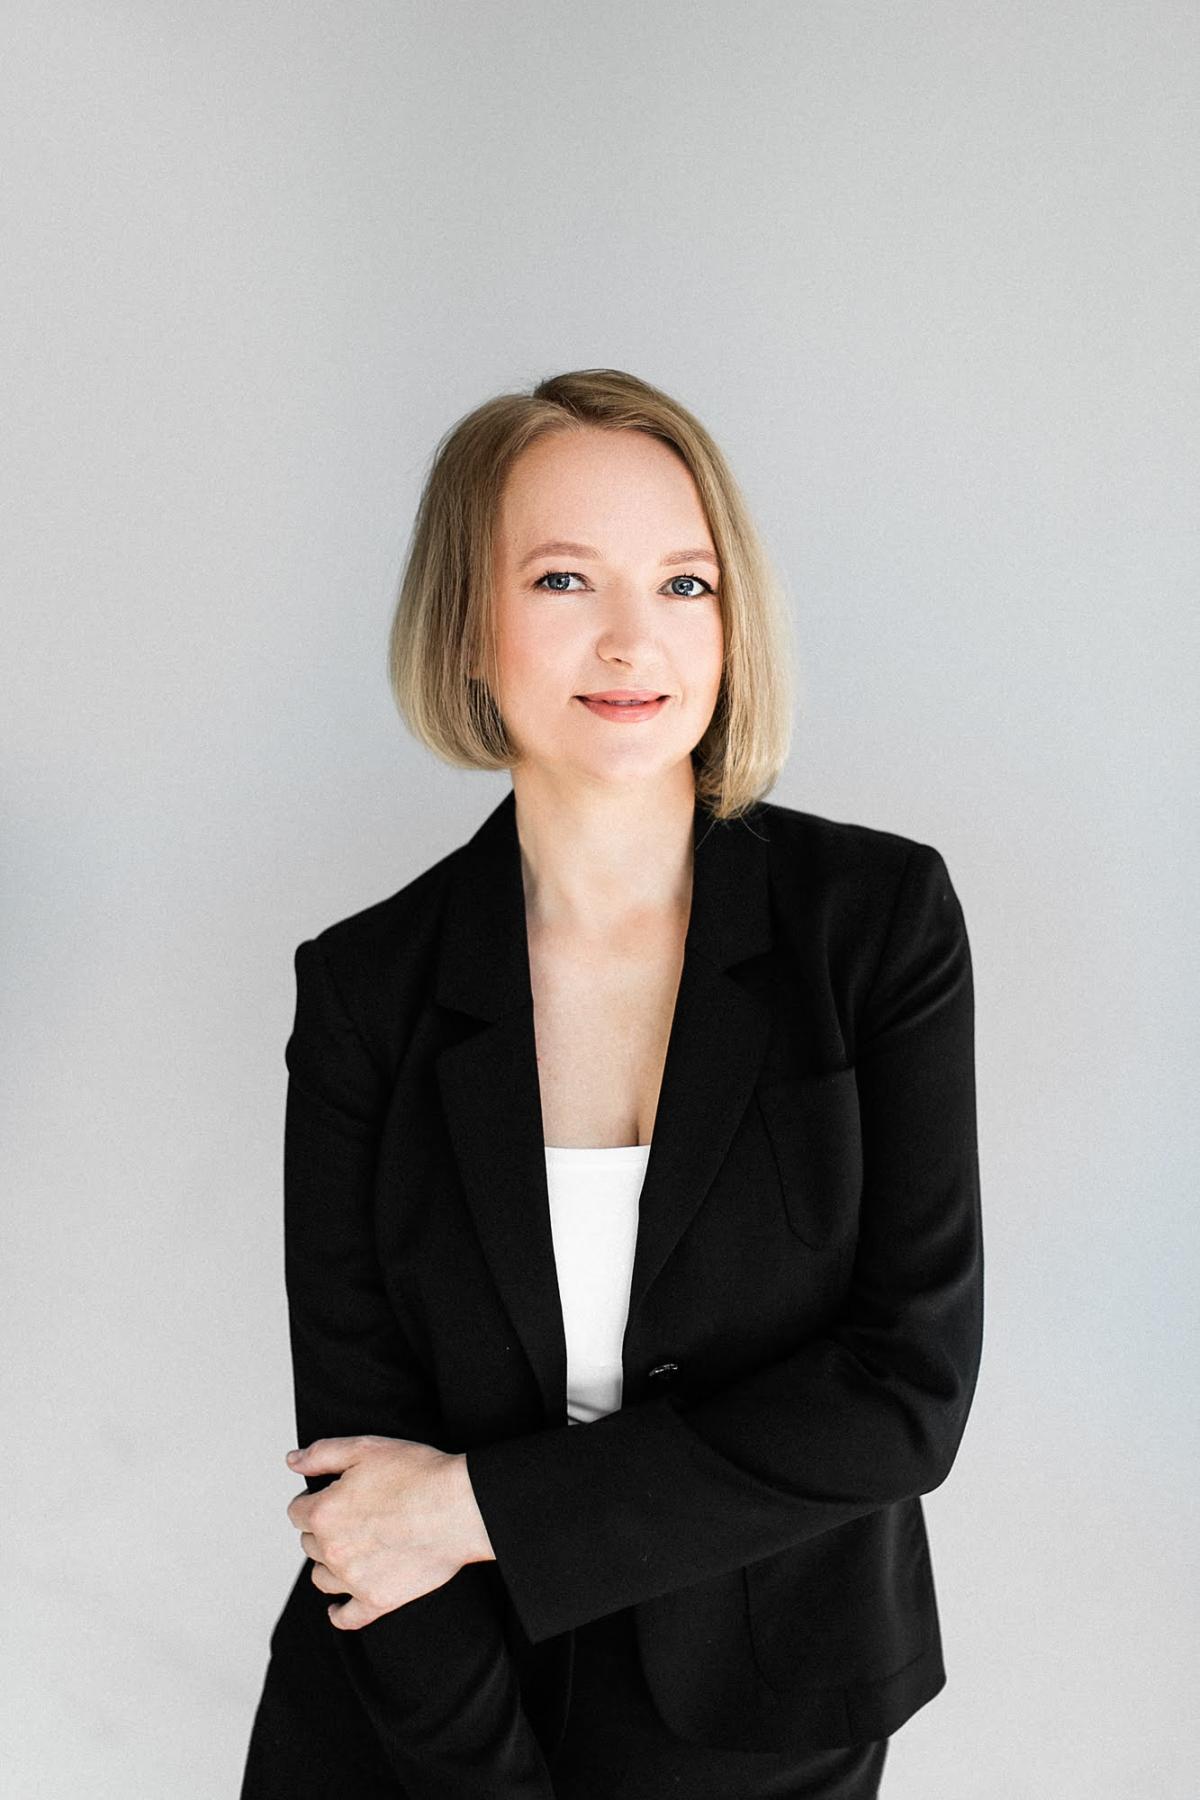 Марина Колесникова:Интересно то, что большие блогеры уже работают меньше, чем маленькие / фото УНИАН